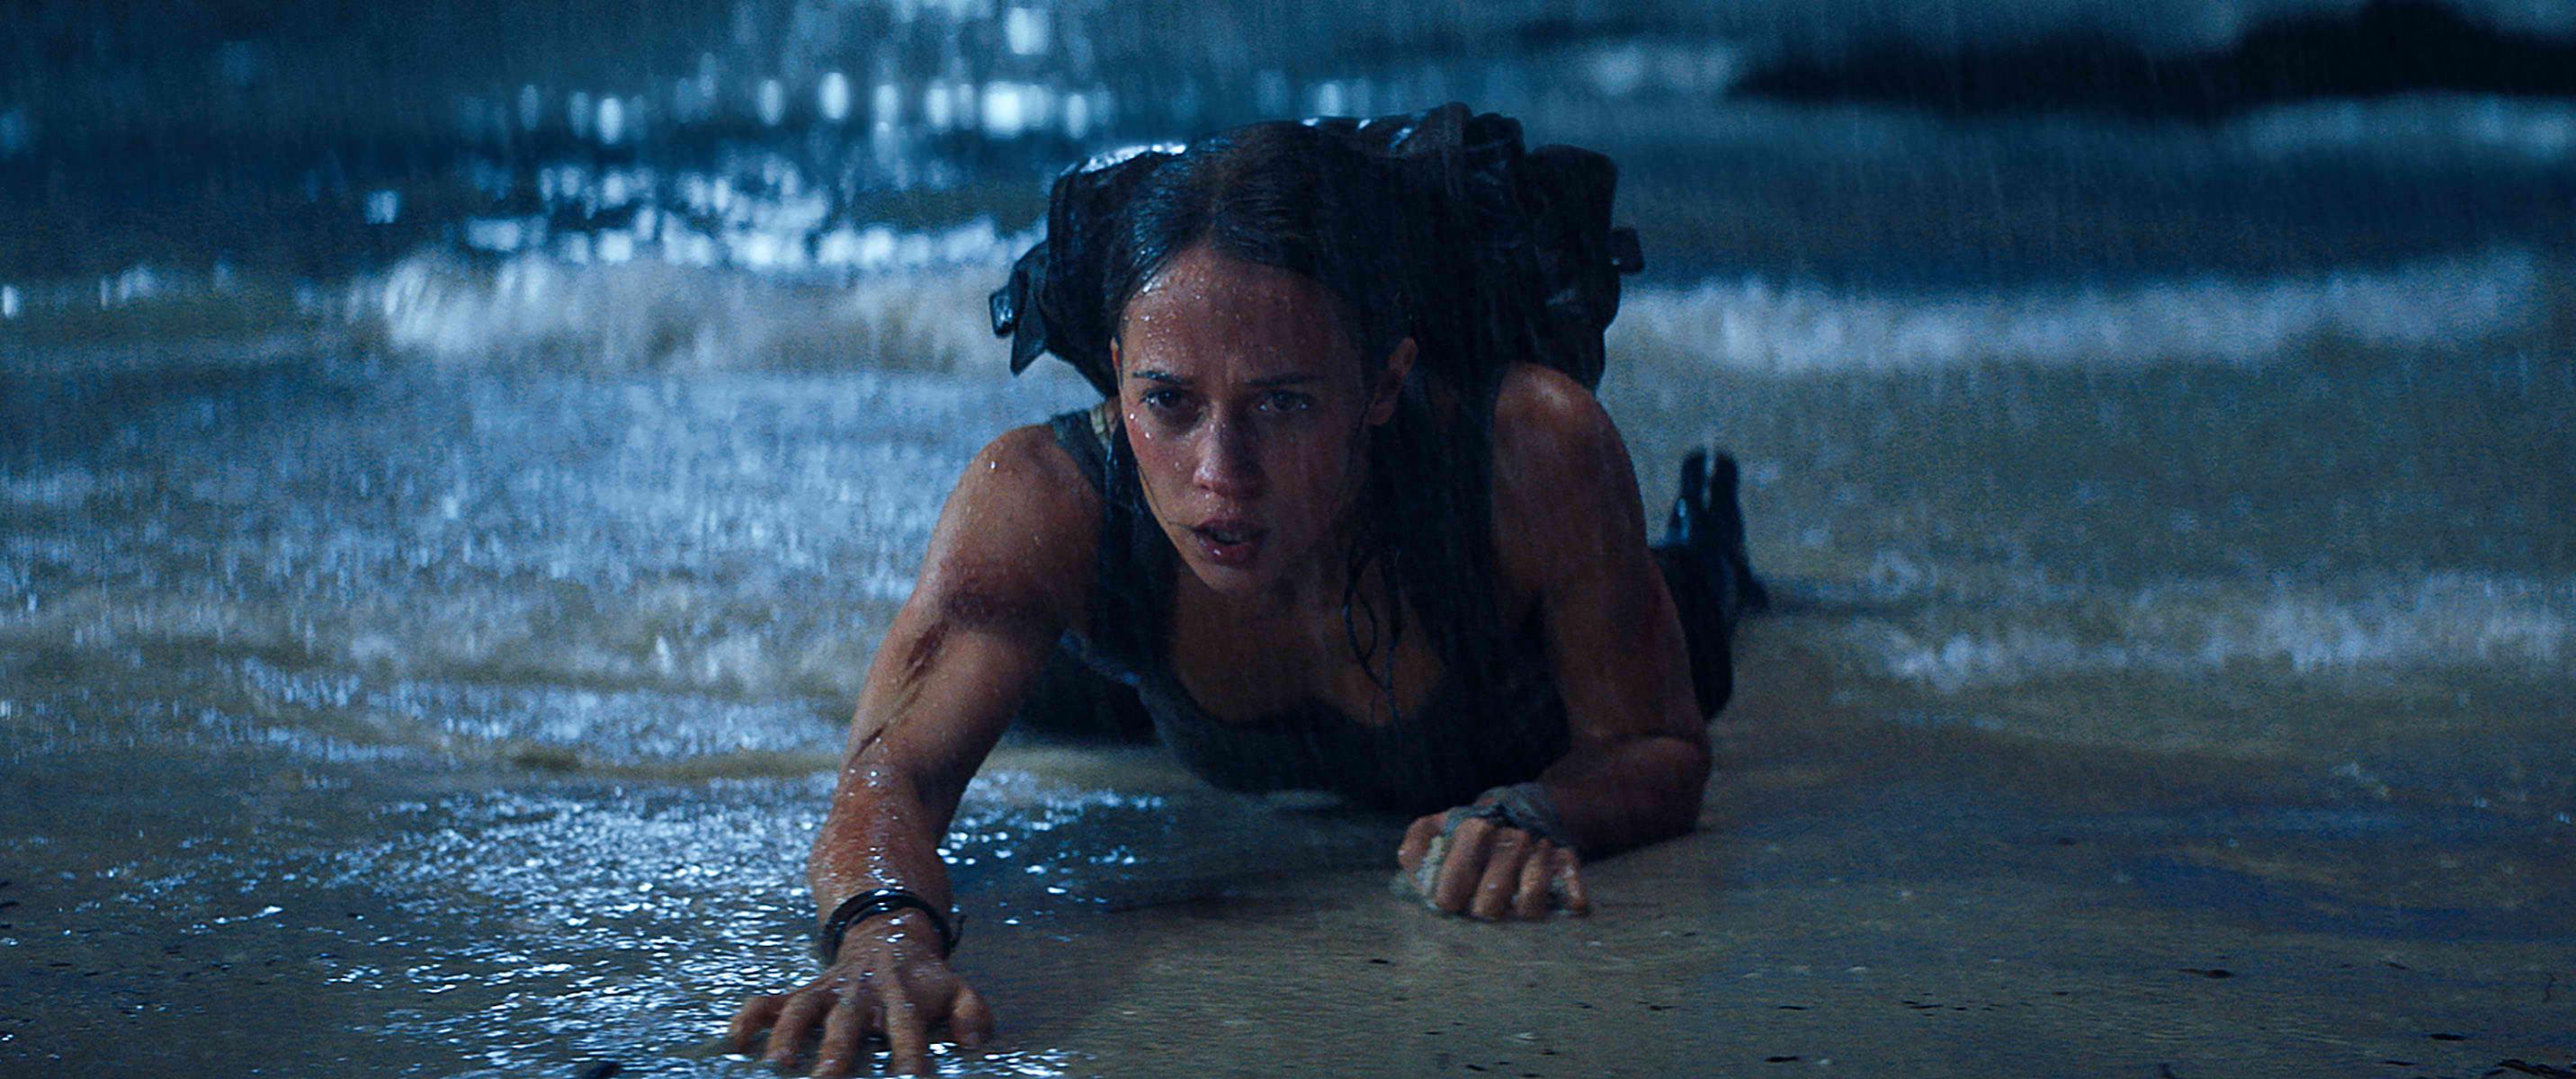 c95fe0ade Alicia Vikander Embodies Lara Croft in